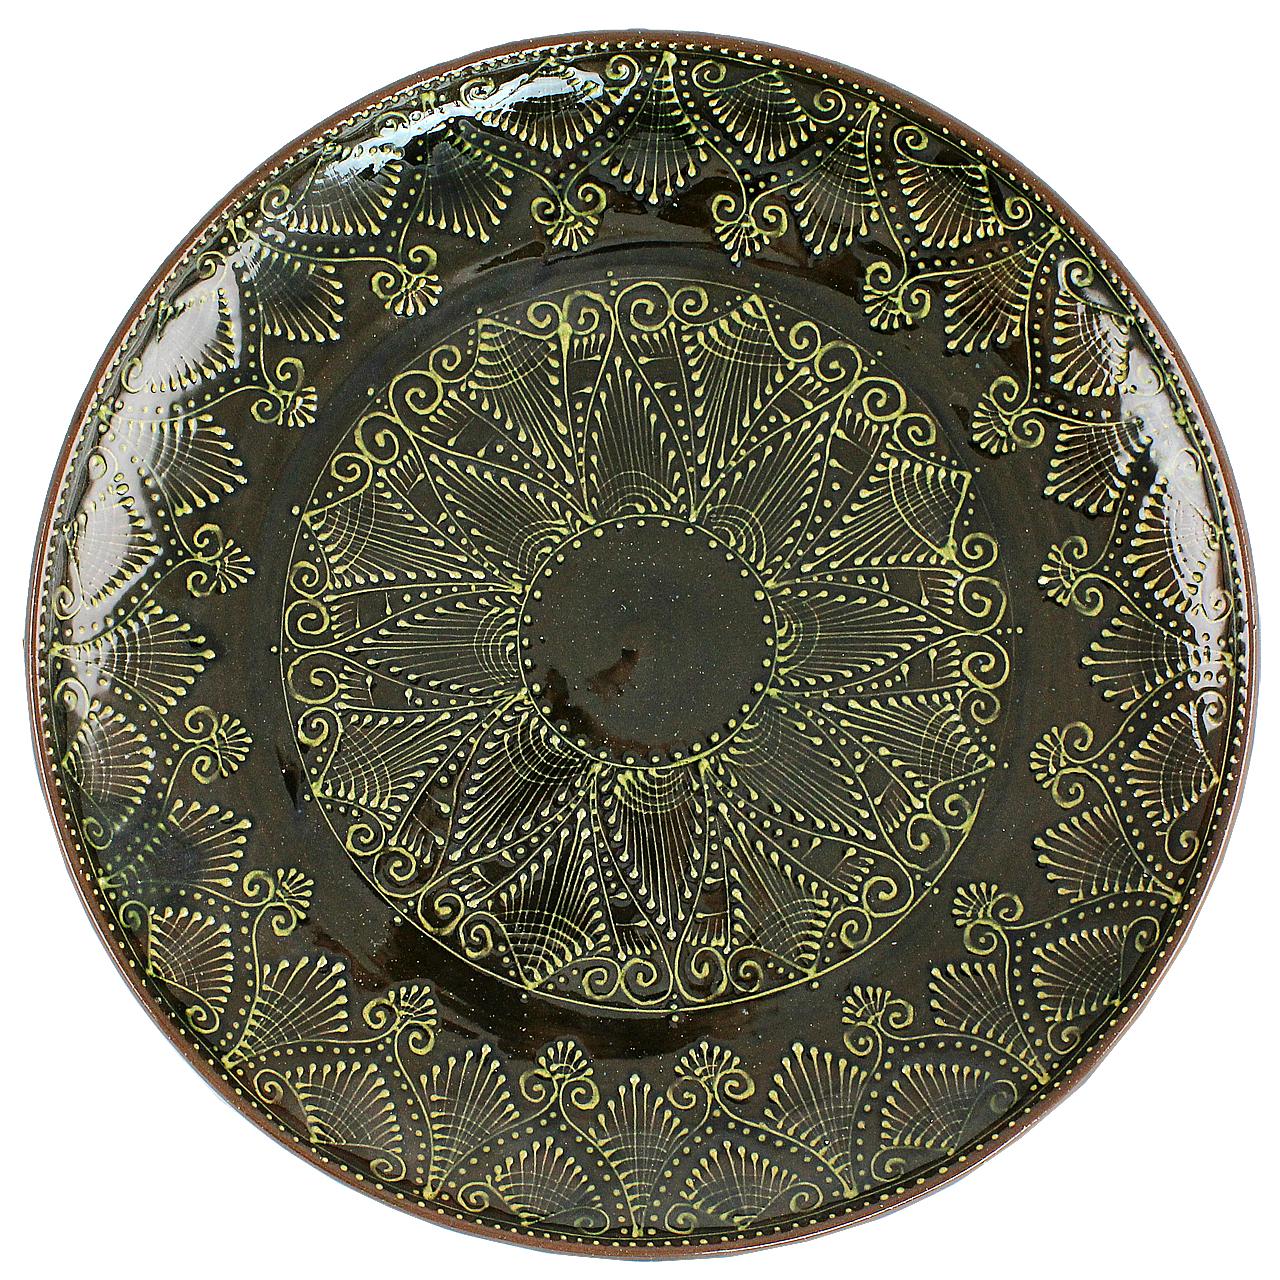 Farfurie Rustica Din Ceramica Maro